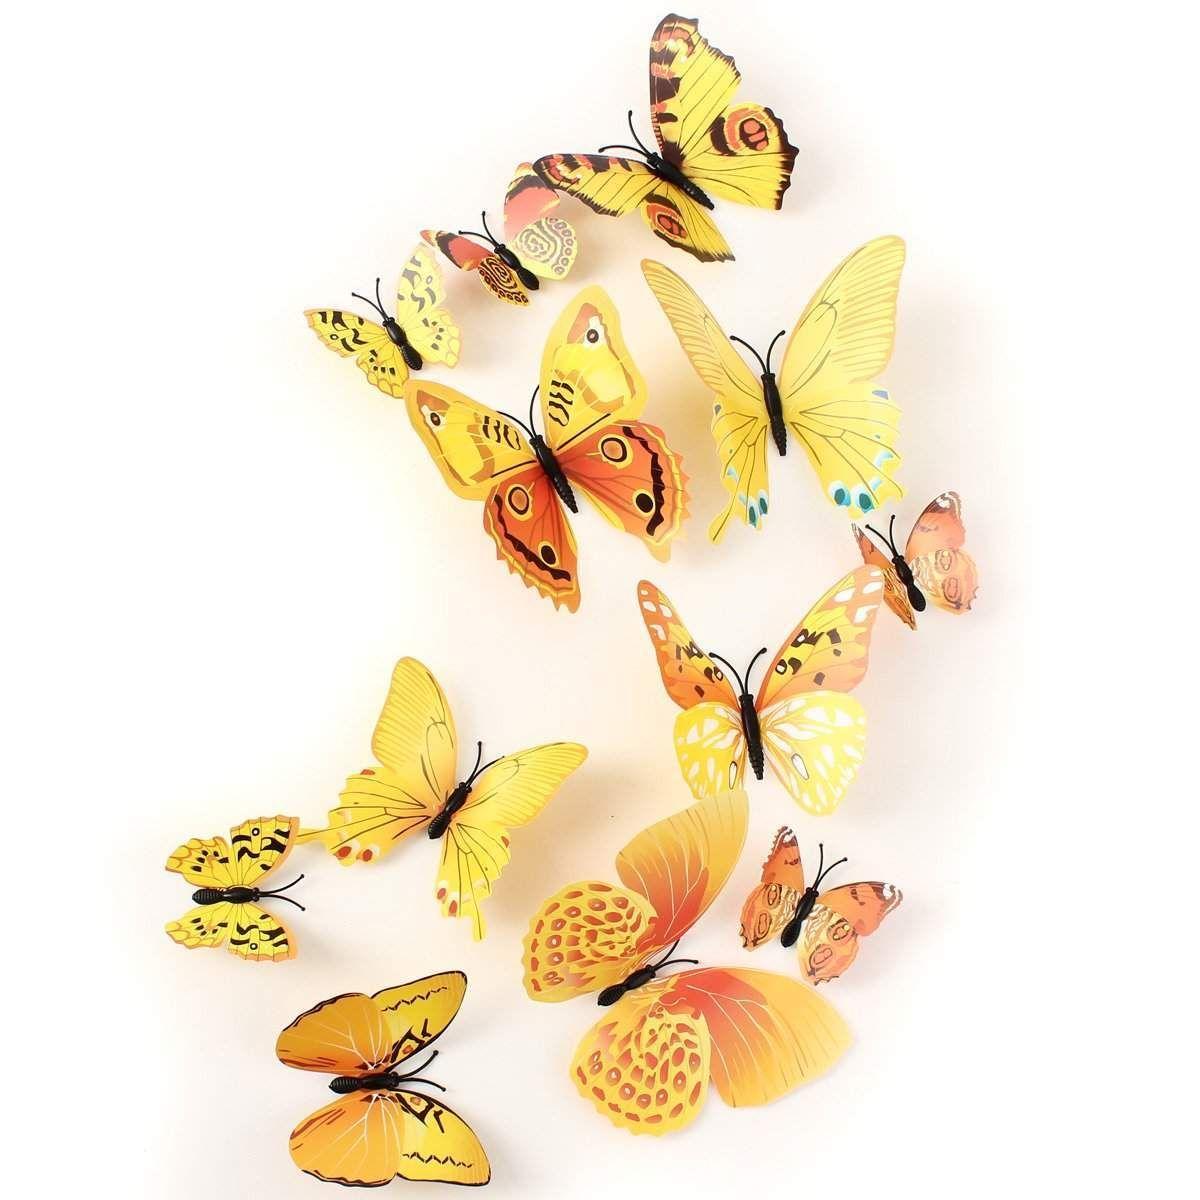 Wallmart.win 12Pcs 3D Yellow Butterfly Wall Stickers Art Decals Home ...